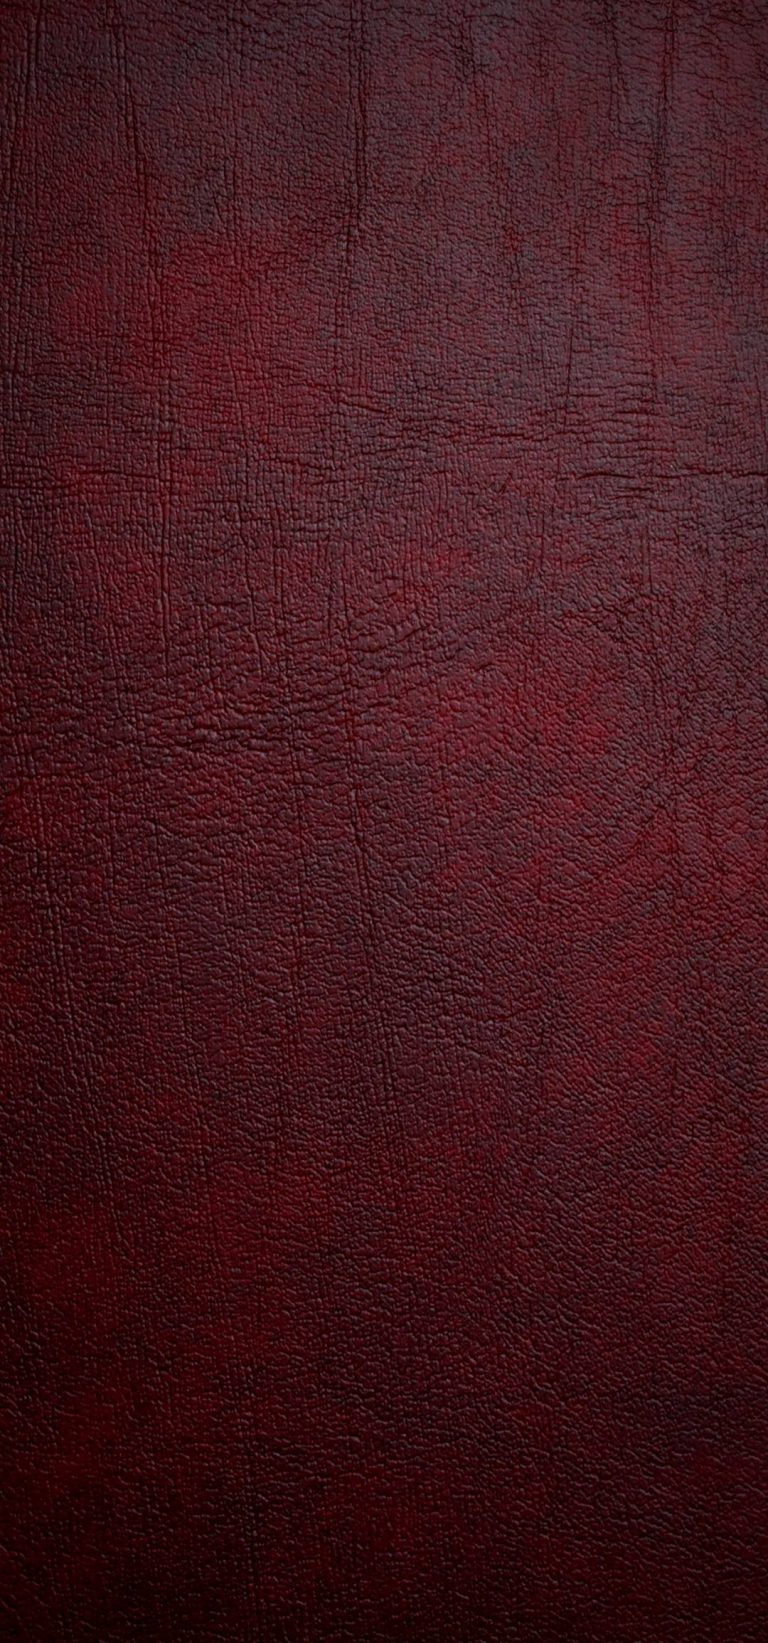 1080x2310 Wallpaper 209 768x1643